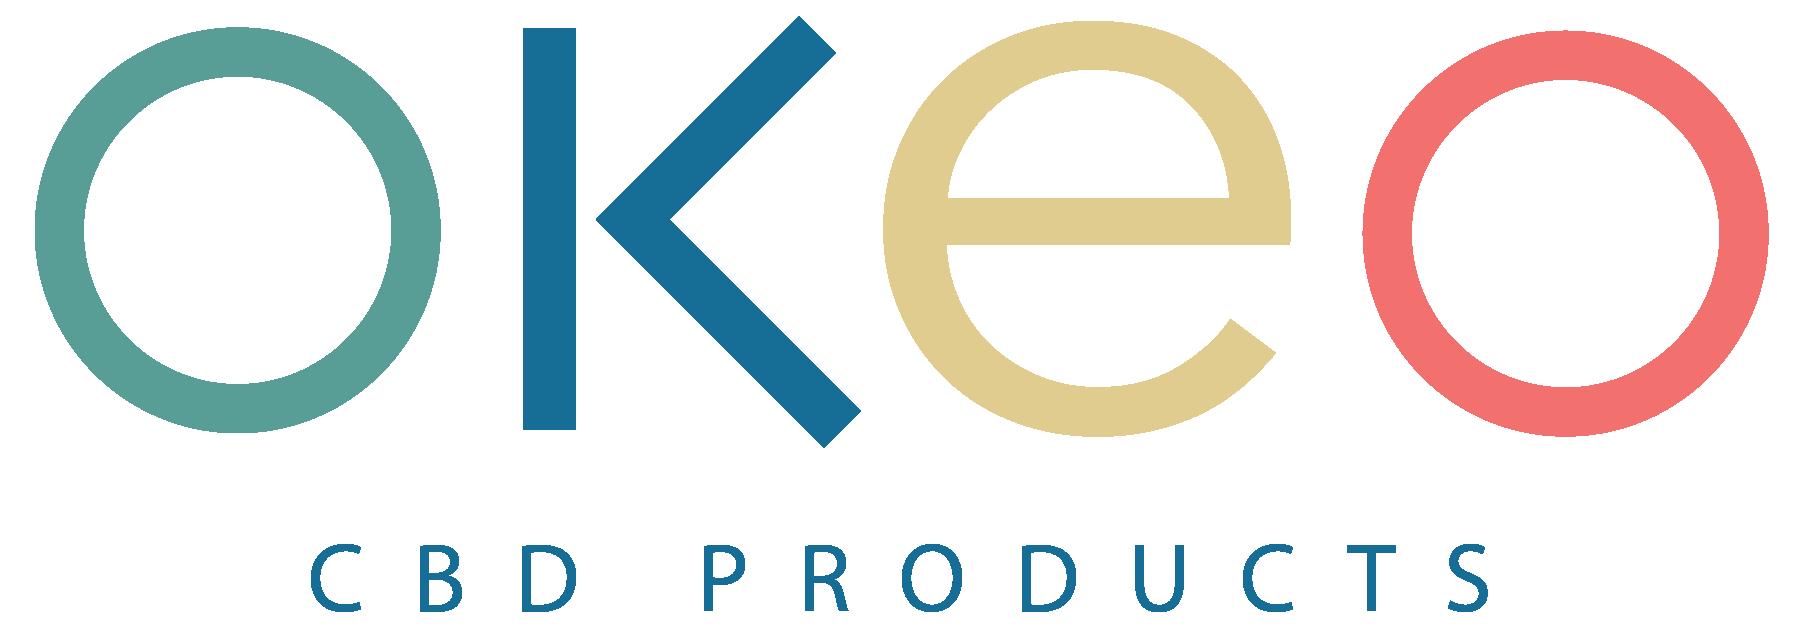 OKEO logo letters